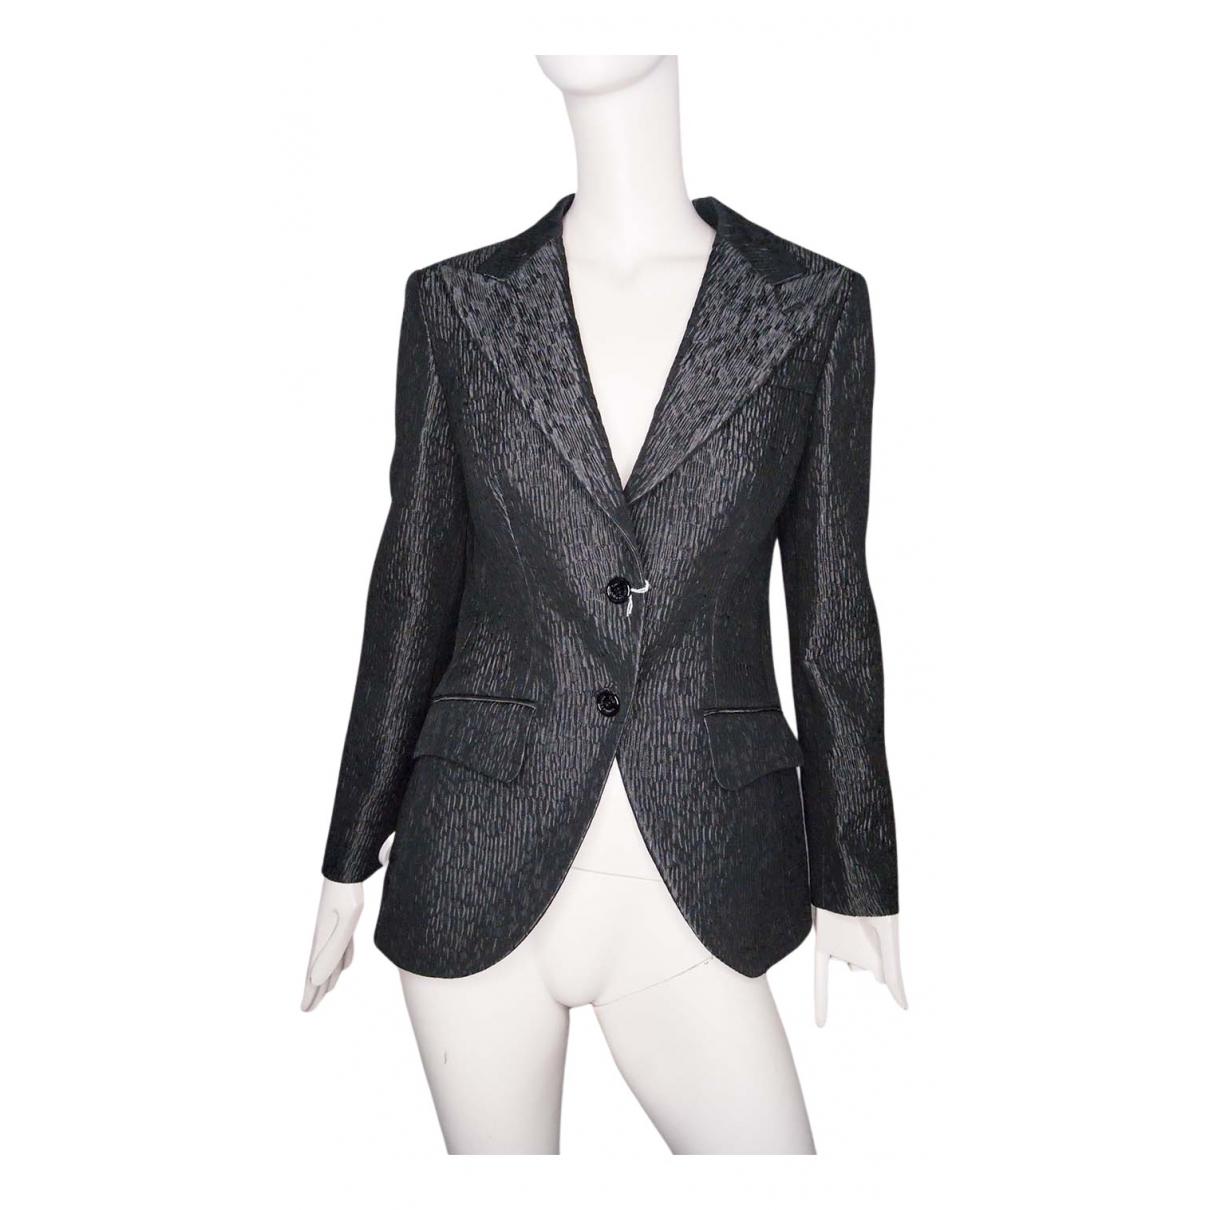 D&g - Veste   pour femme en coton - gris